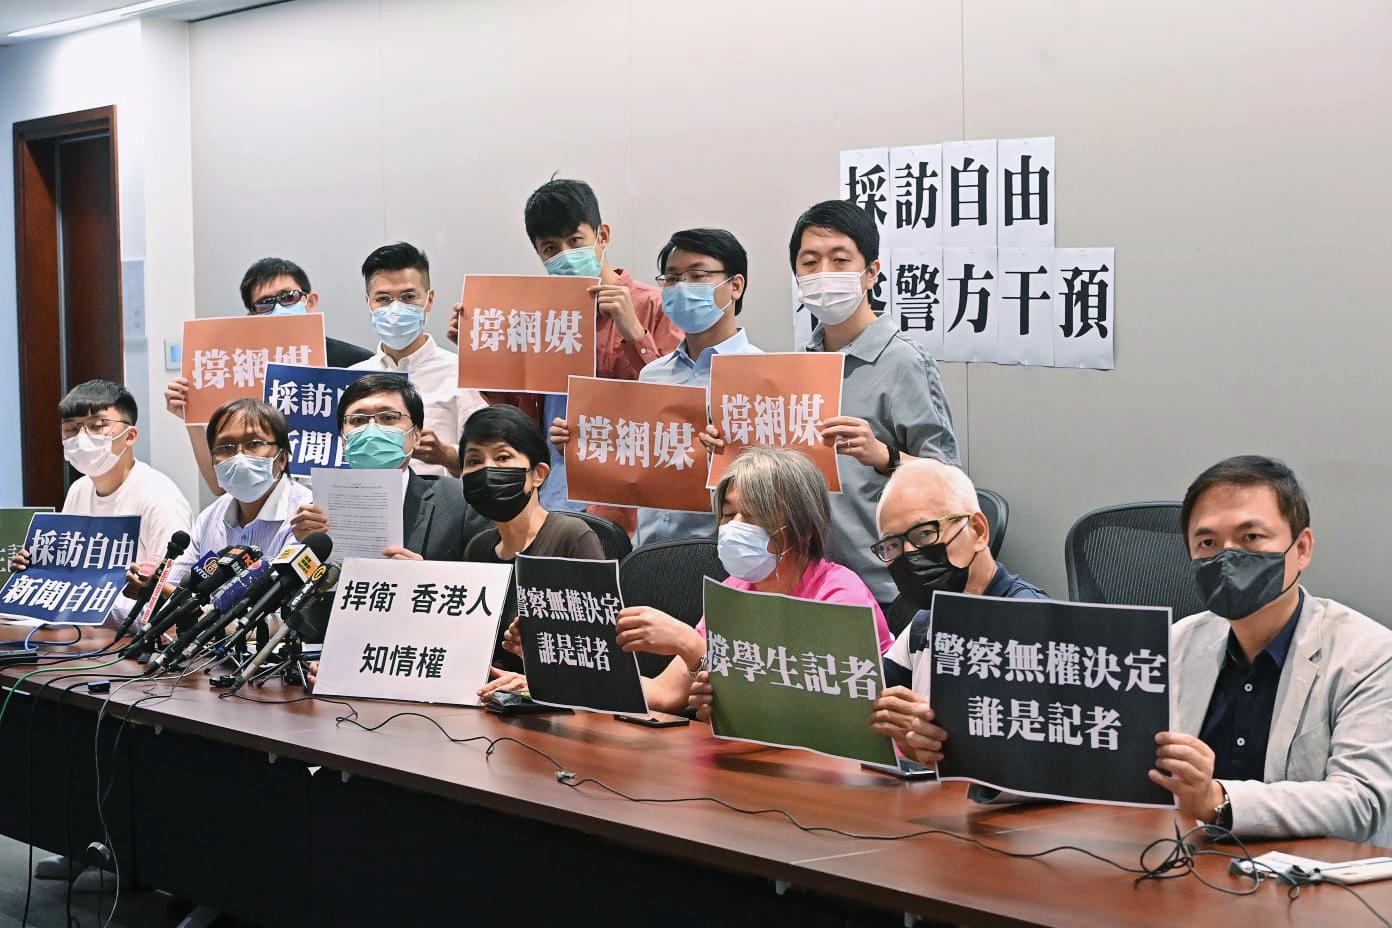 香港立法會議員許智峯(後排右一)、毛孟靜(前排左四)昨日聯同一班地區人士召開記者會,反對警方修改《警察通例》的「傳媒代表」定義。(宋碧龍/大紀元)